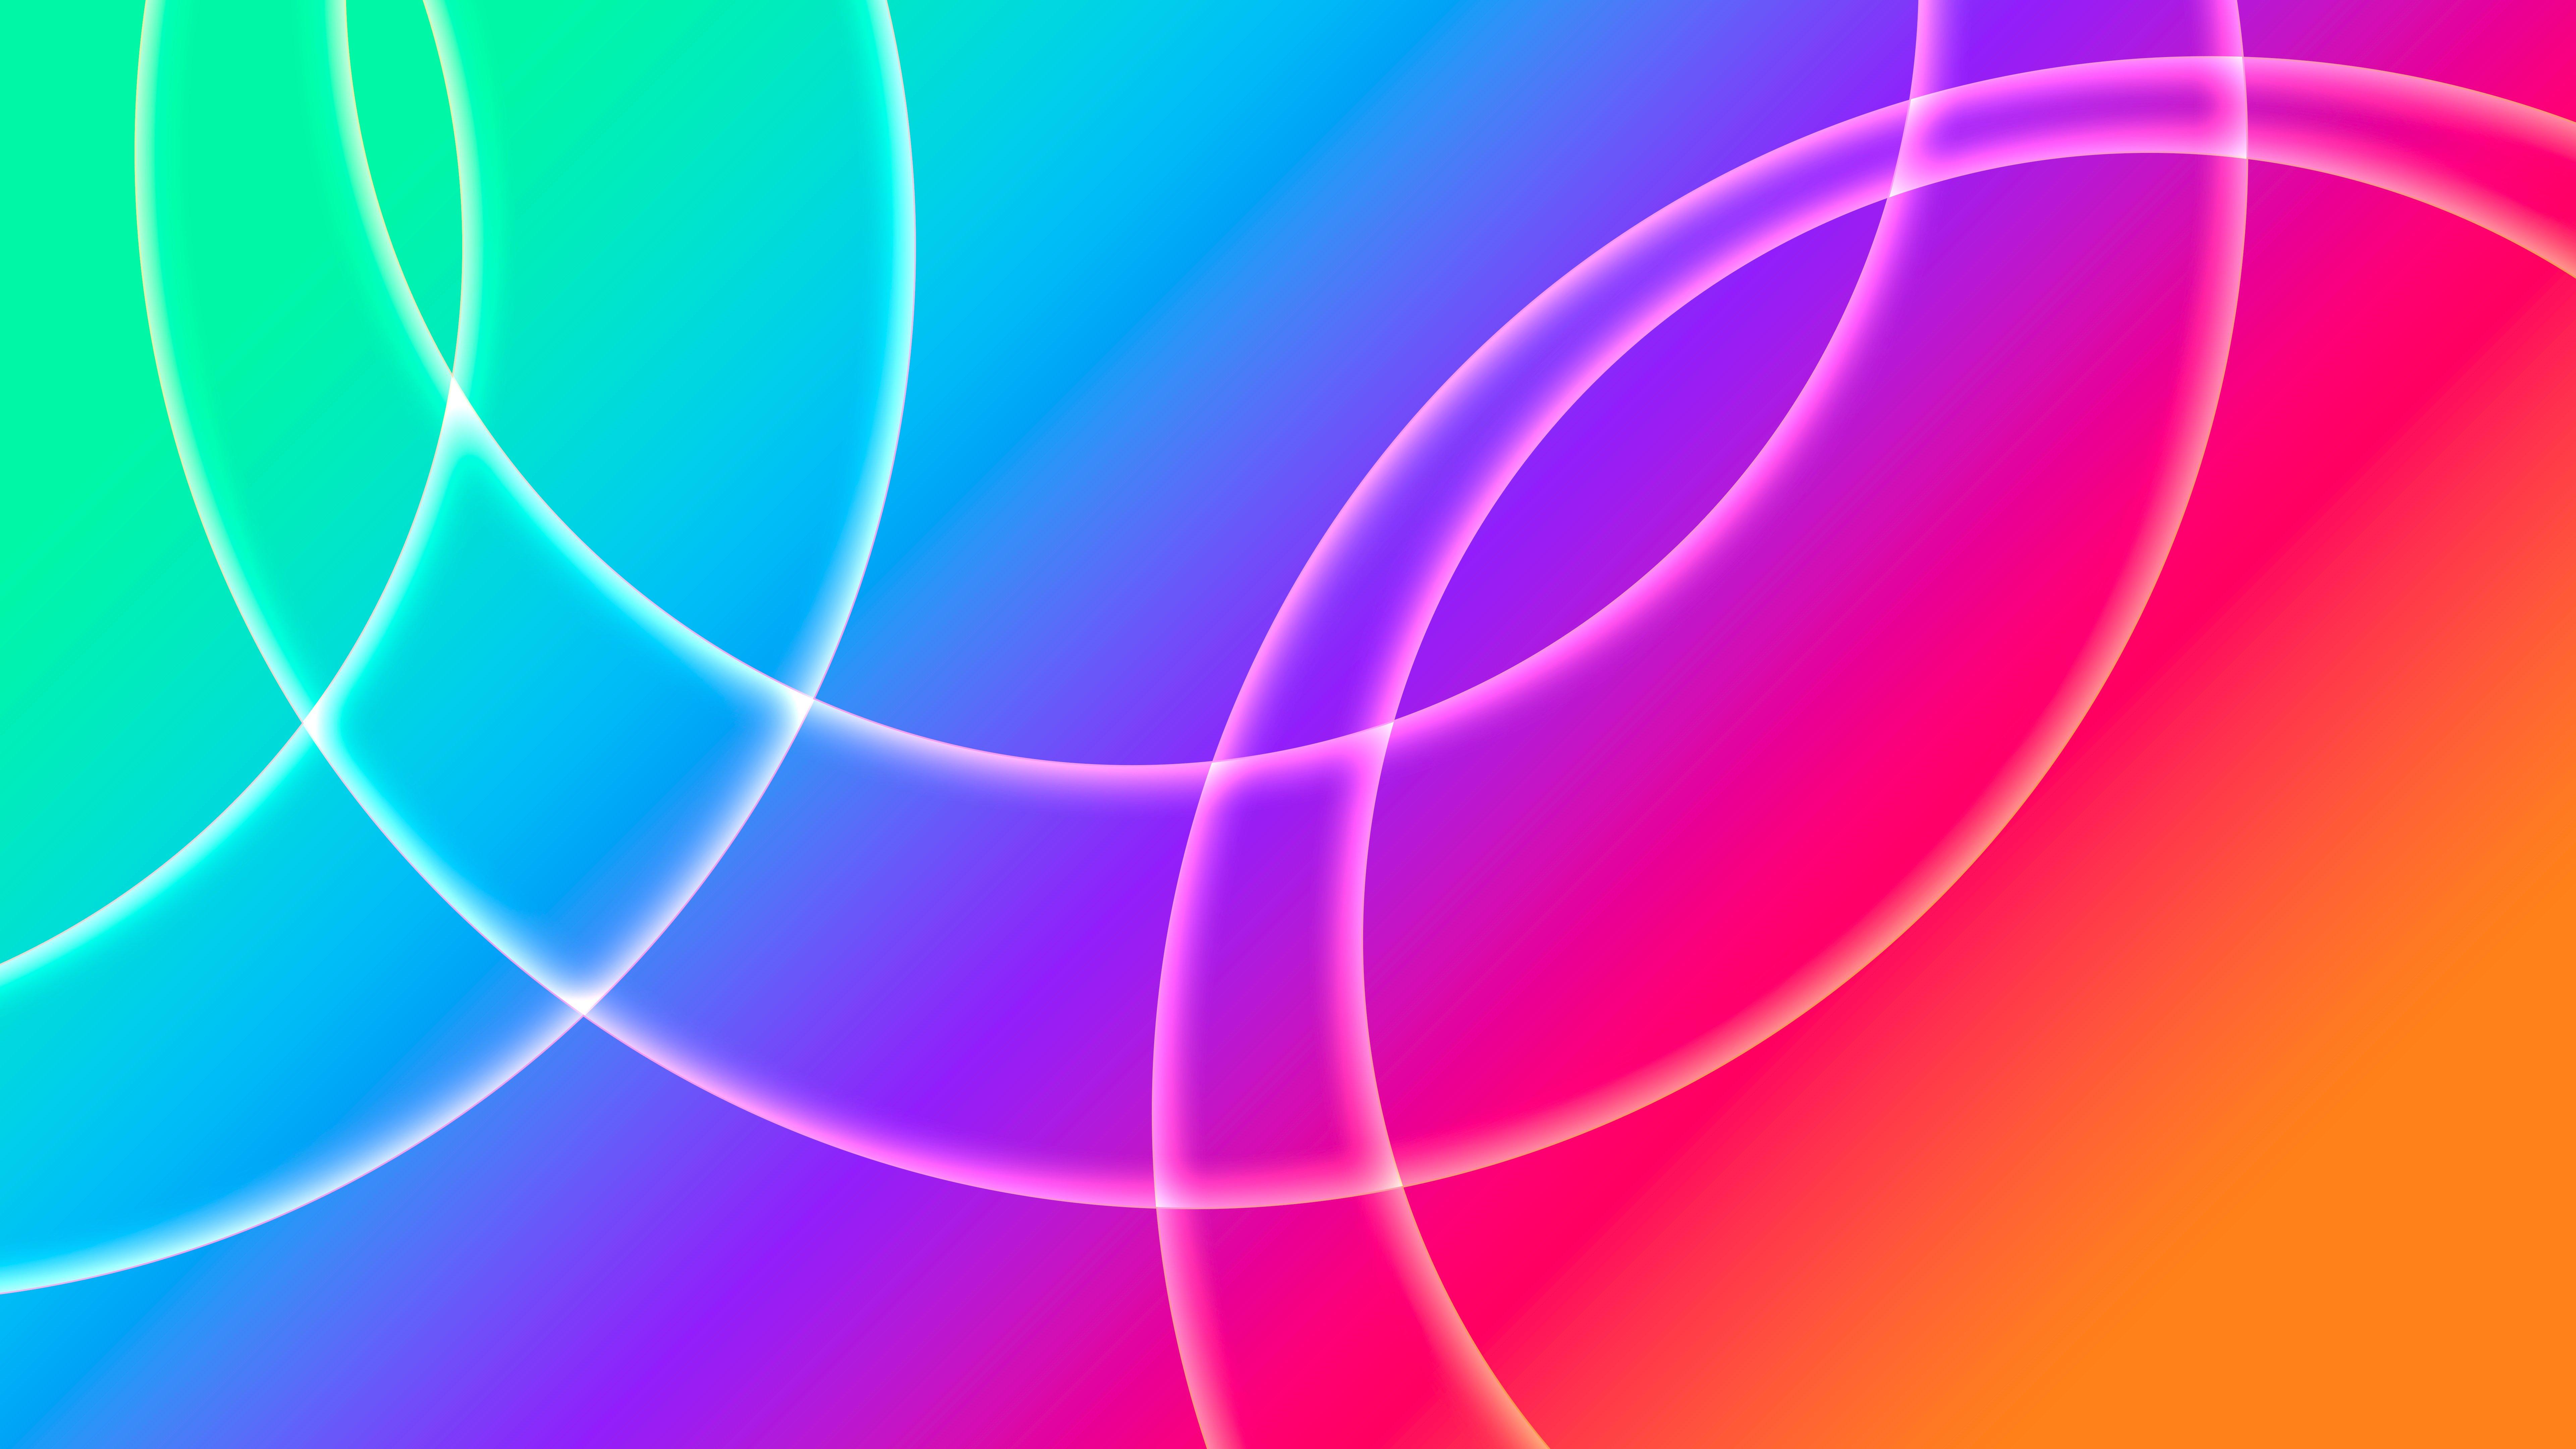 Wallpaper Circles between fading colors